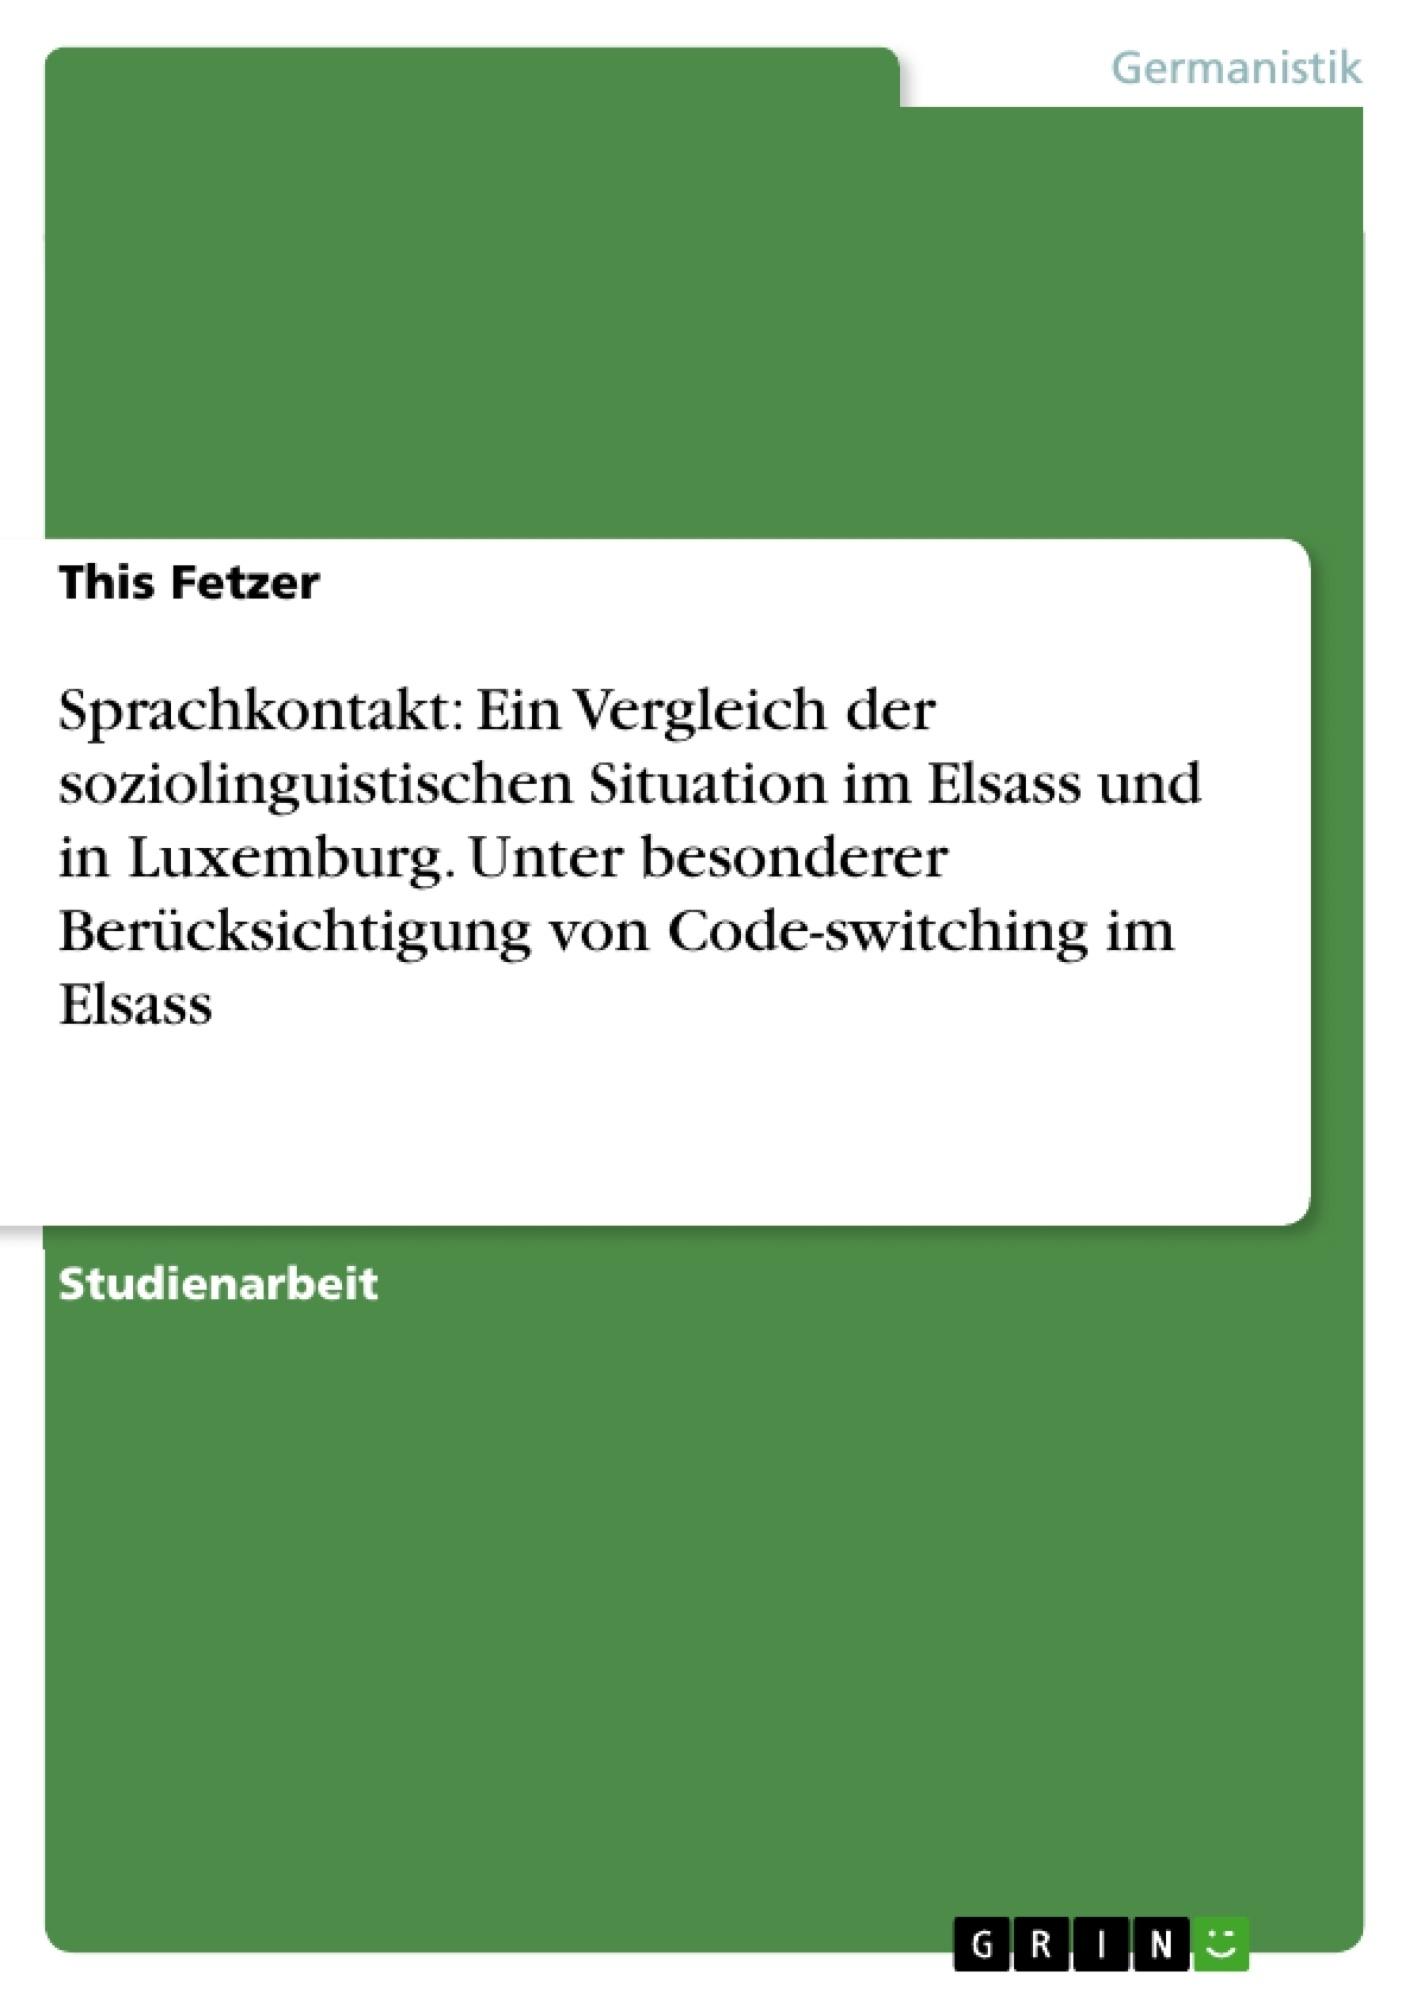 Titel: Sprachkontakt: Ein Vergleich der soziolinguistischen Situation im Elsass und in Luxemburg. Unter besonderer Berücksichtigung von Code-switching im Elsass